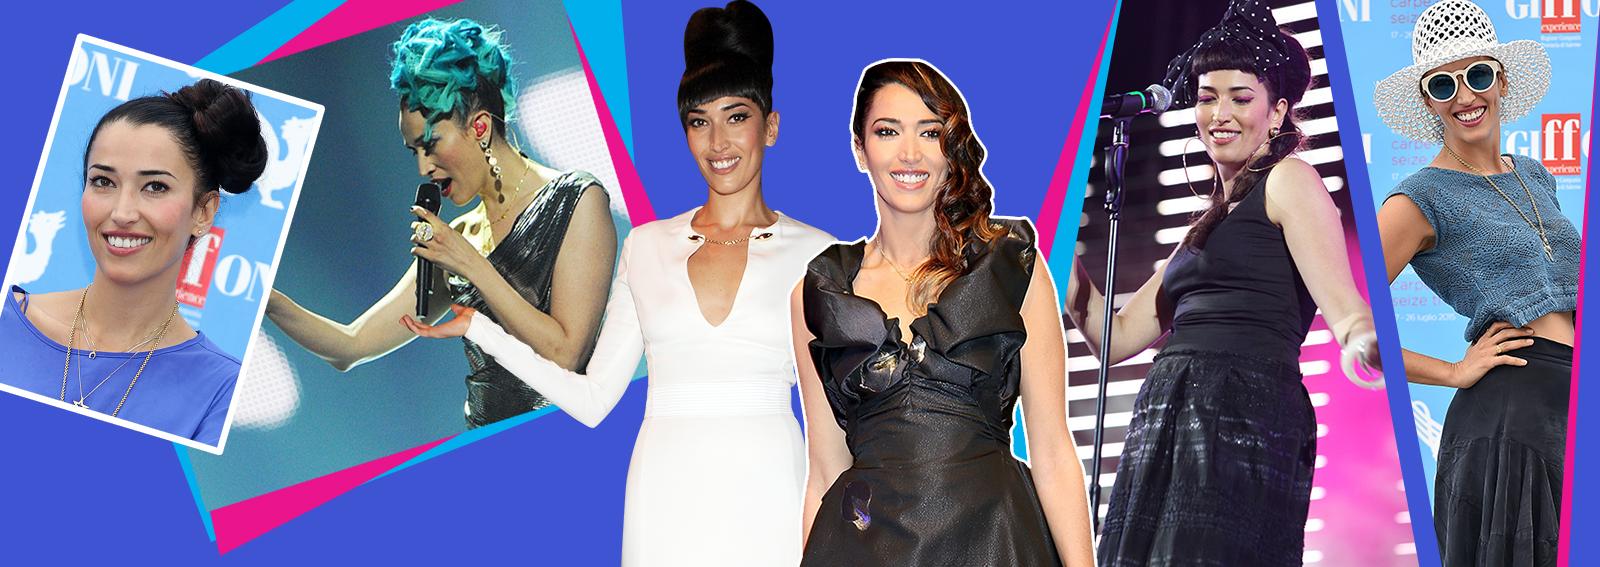 nina zilli beauty look collage_desktop